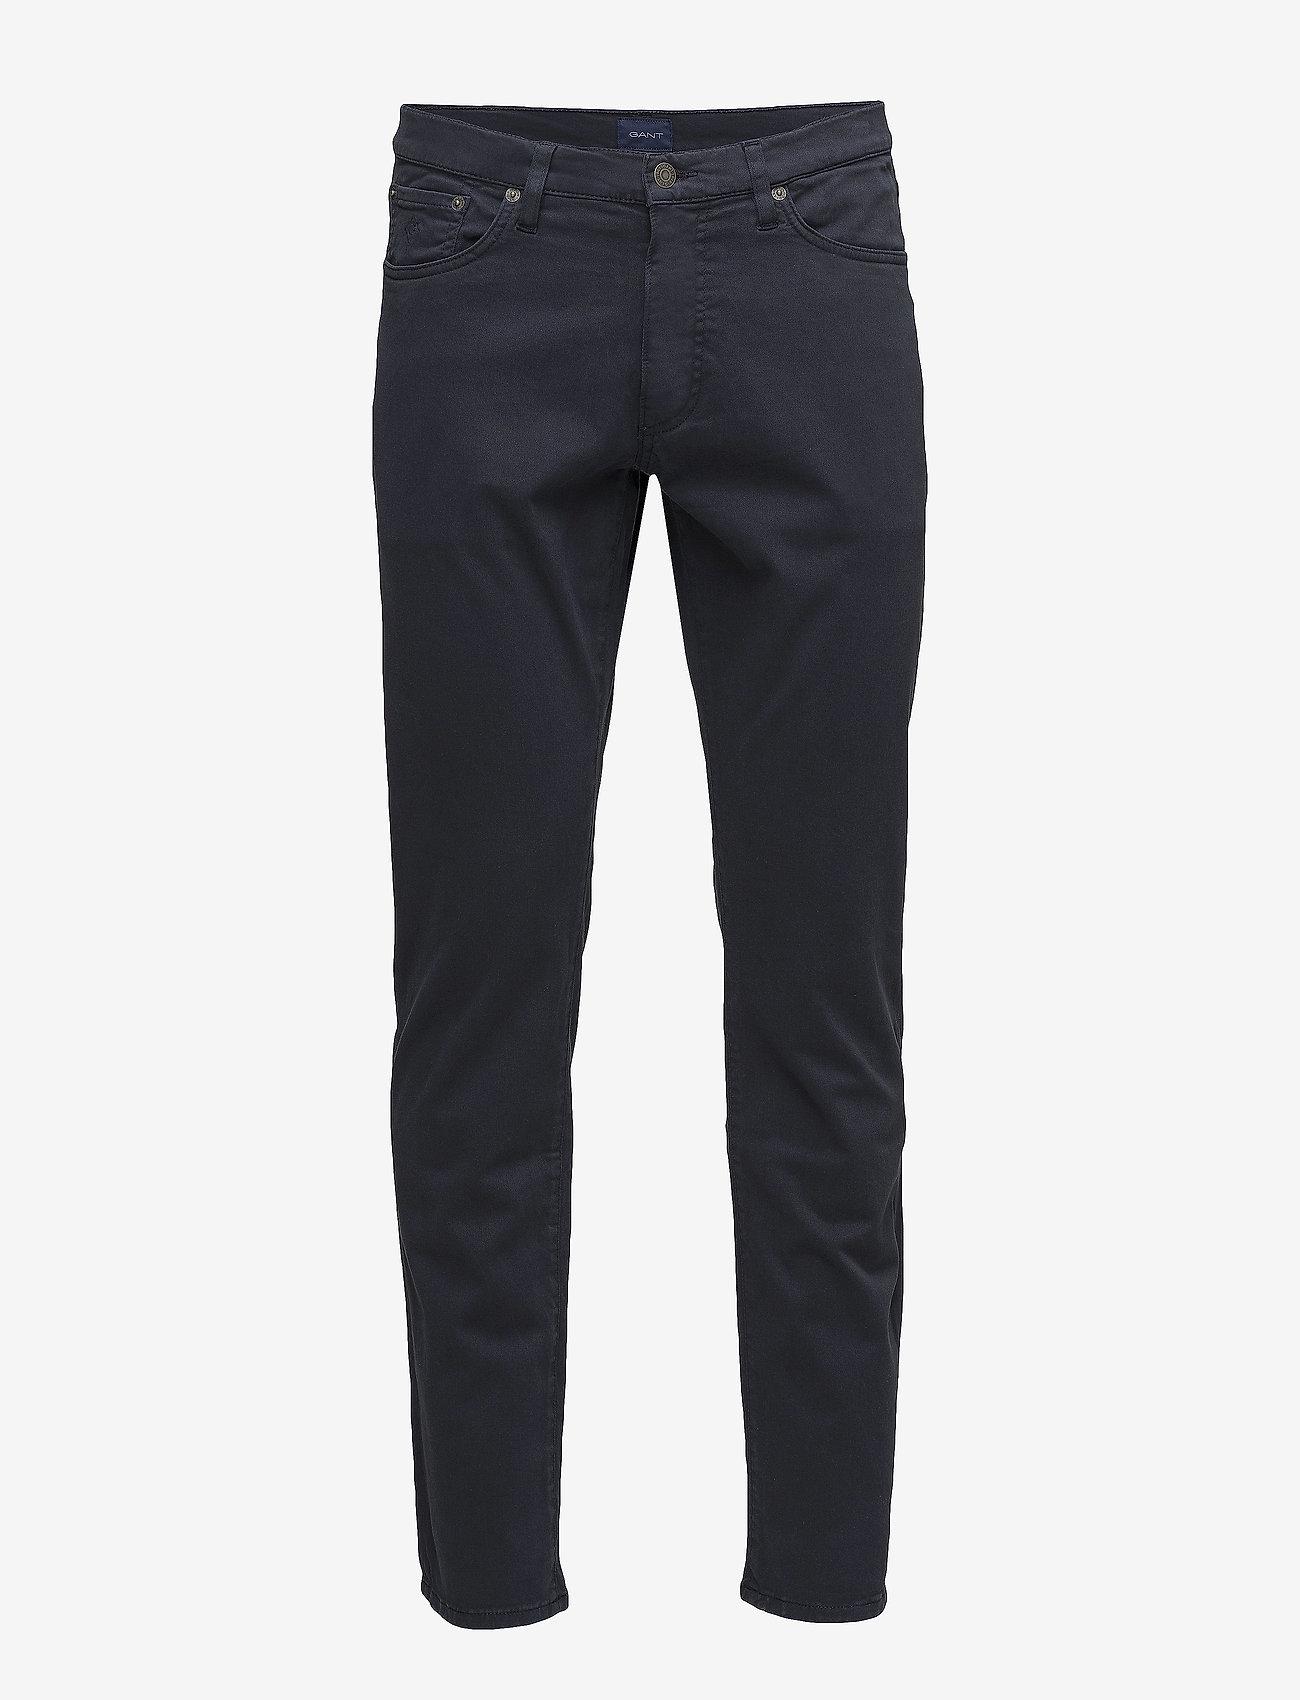 GANT - SLIM DESERT JEANS - slim jeans - navy - 0